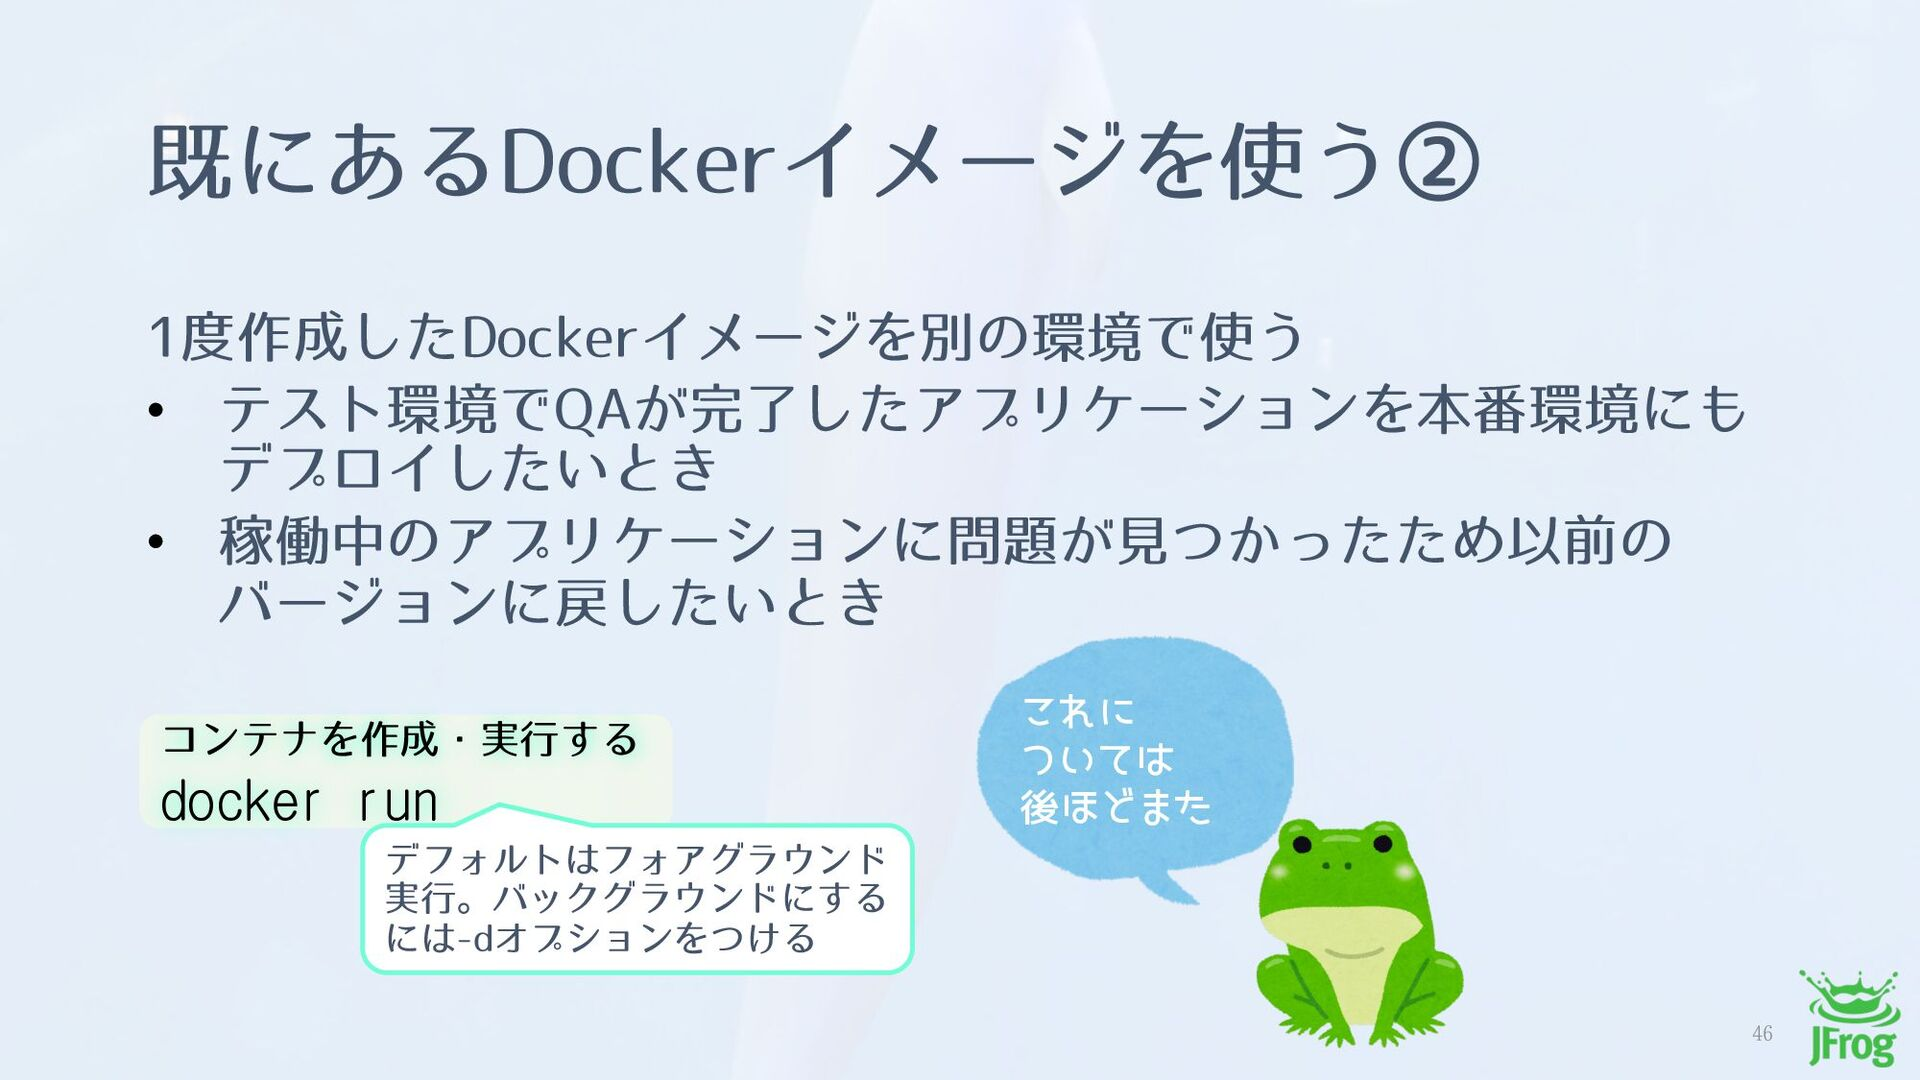 Α͘͏ίϯςφͷૢ࡞ ίϯςφΛҰཡදࣔ͢Δ docker ps ࣮ߦ த ఀࢭ த ...